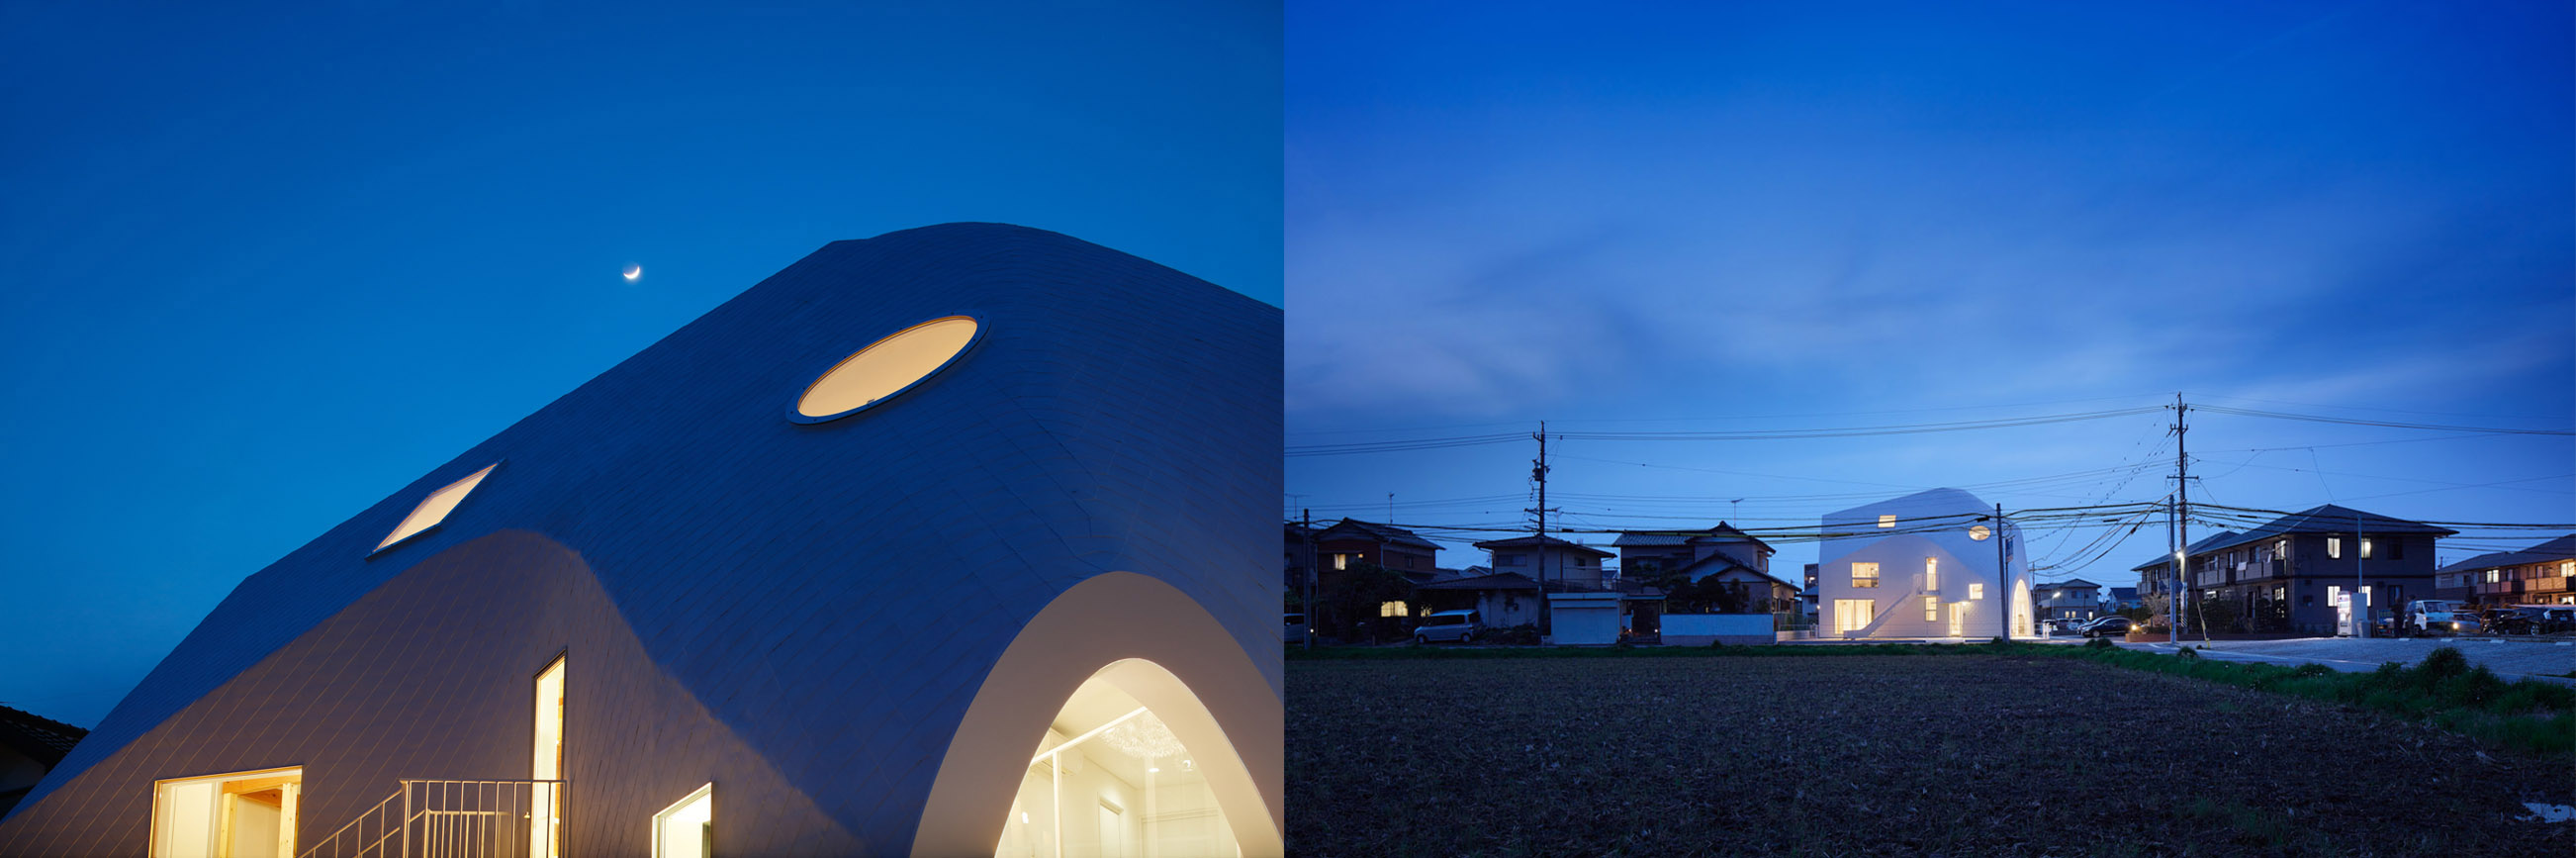 07_mad_clover-house_fuji-koji%e5%89%af%e6%9c%ac